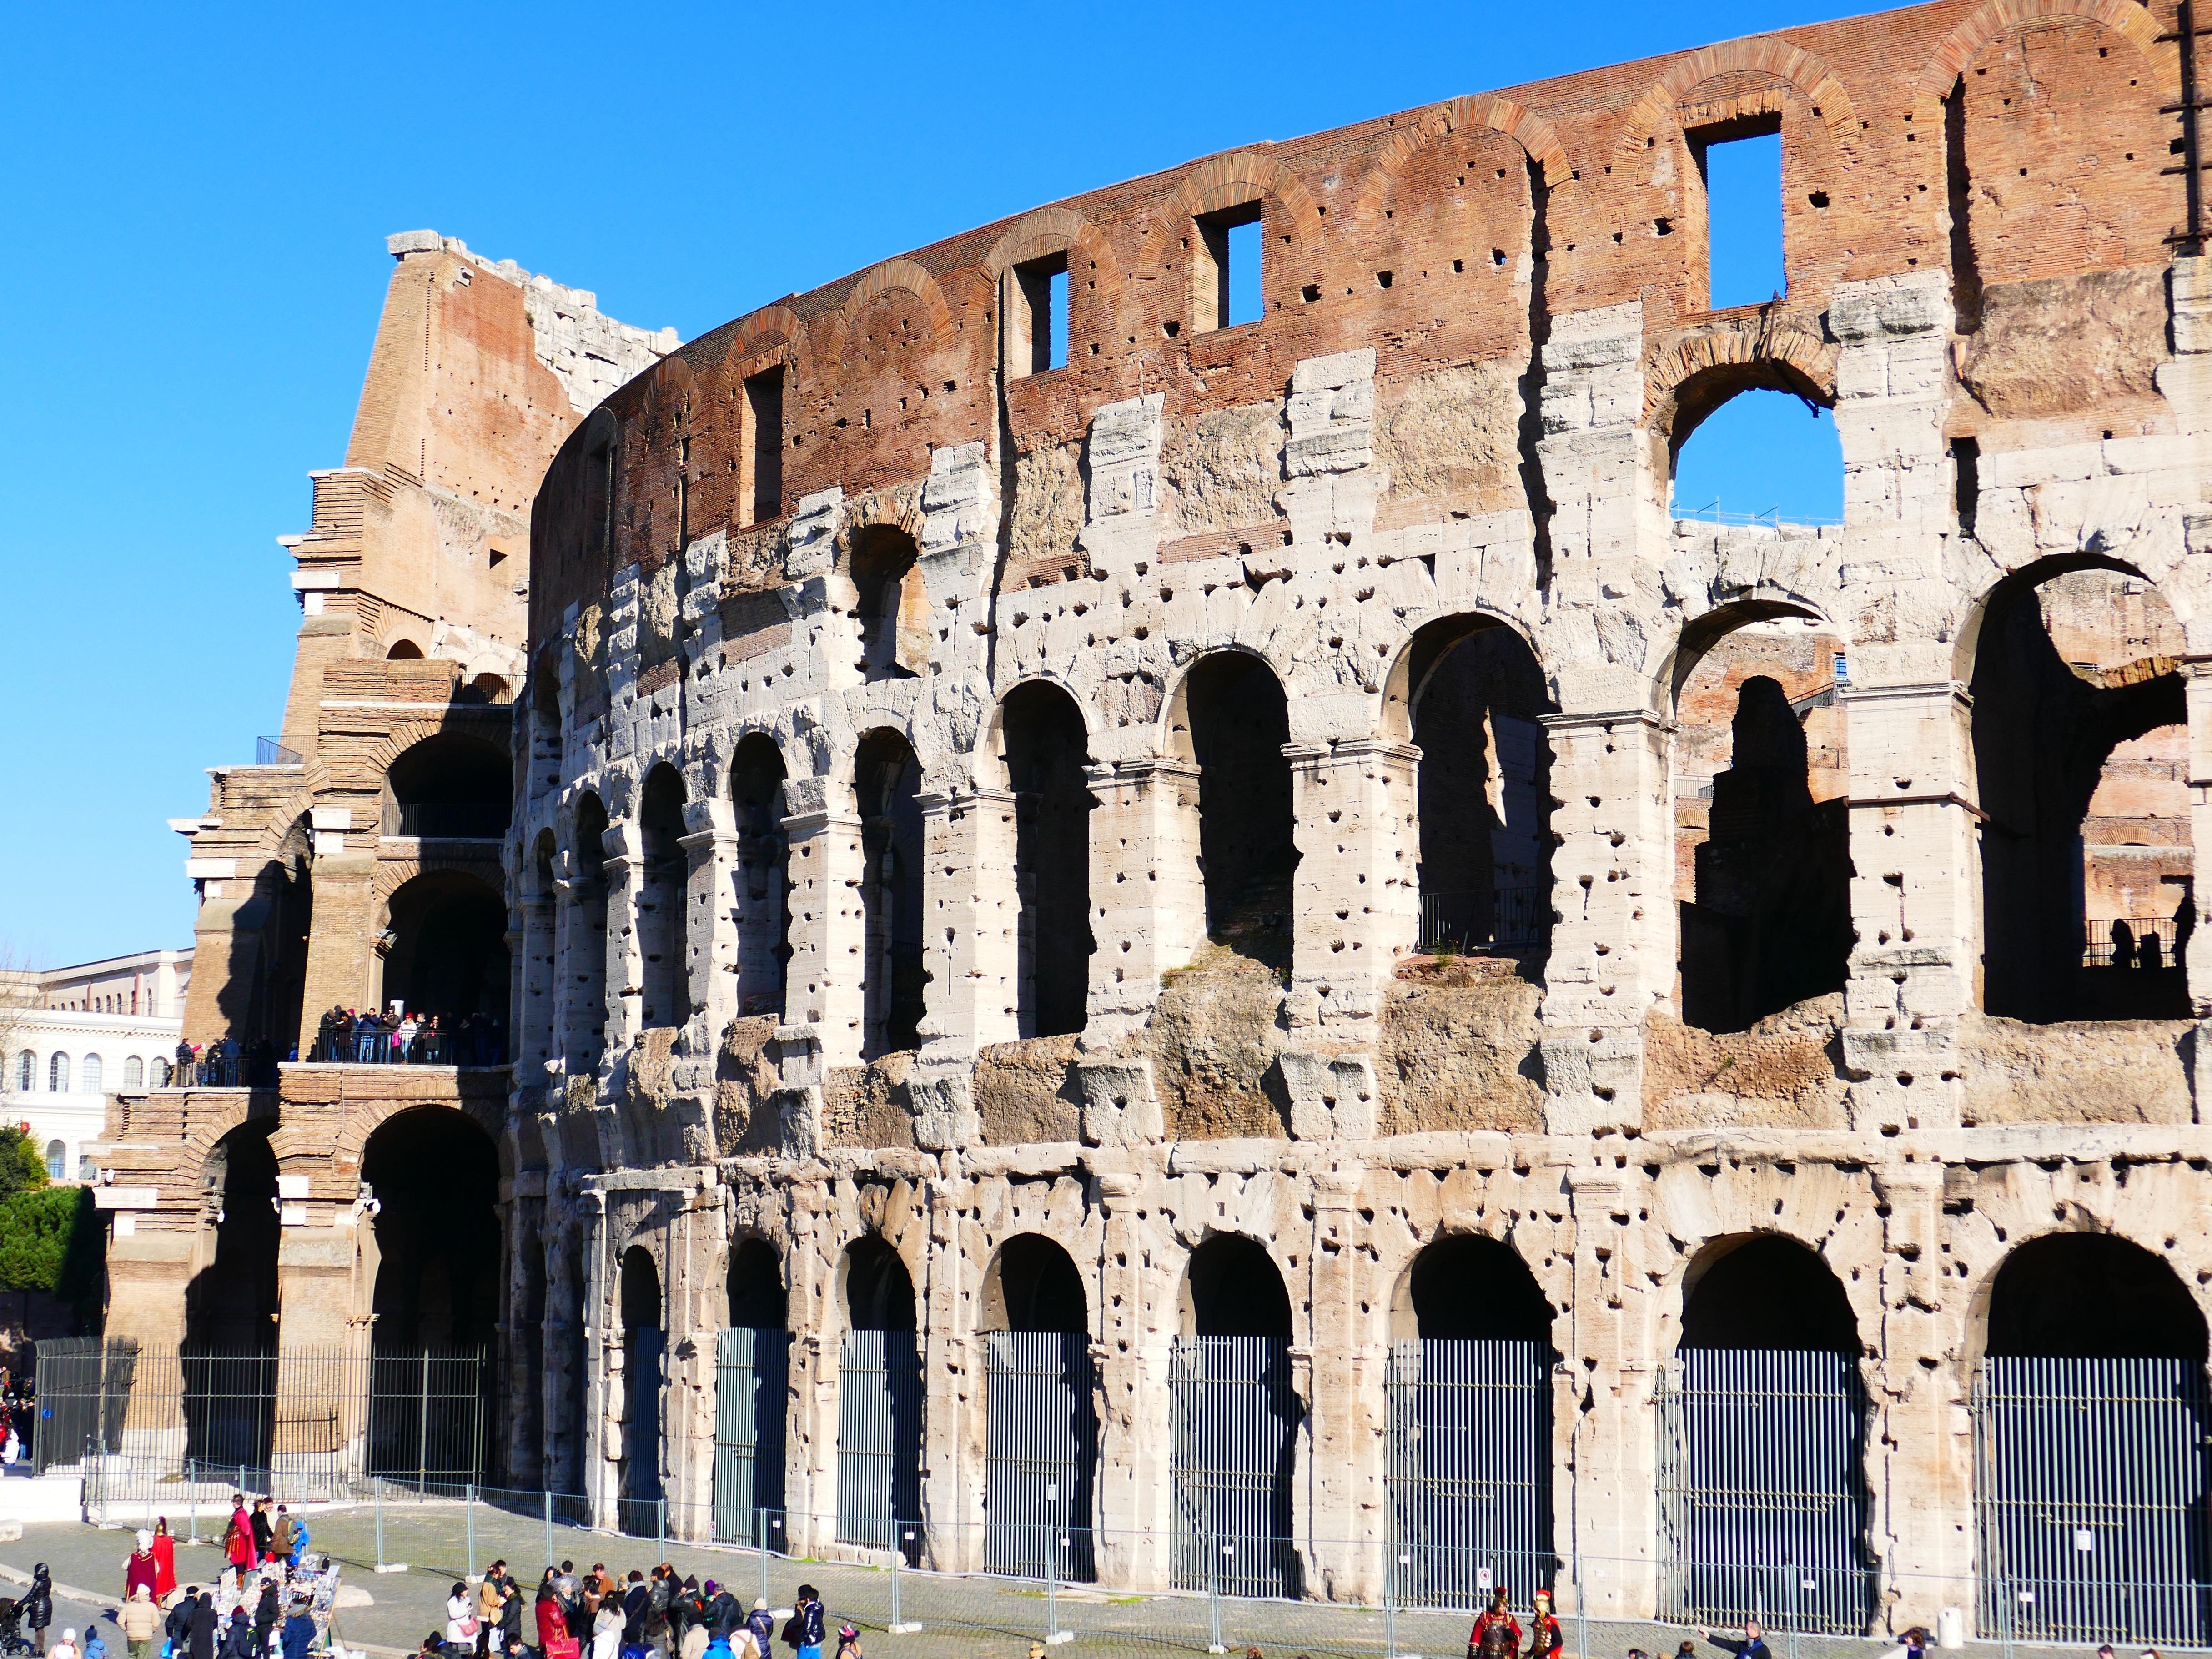 Картинки древних сооружений и их названия